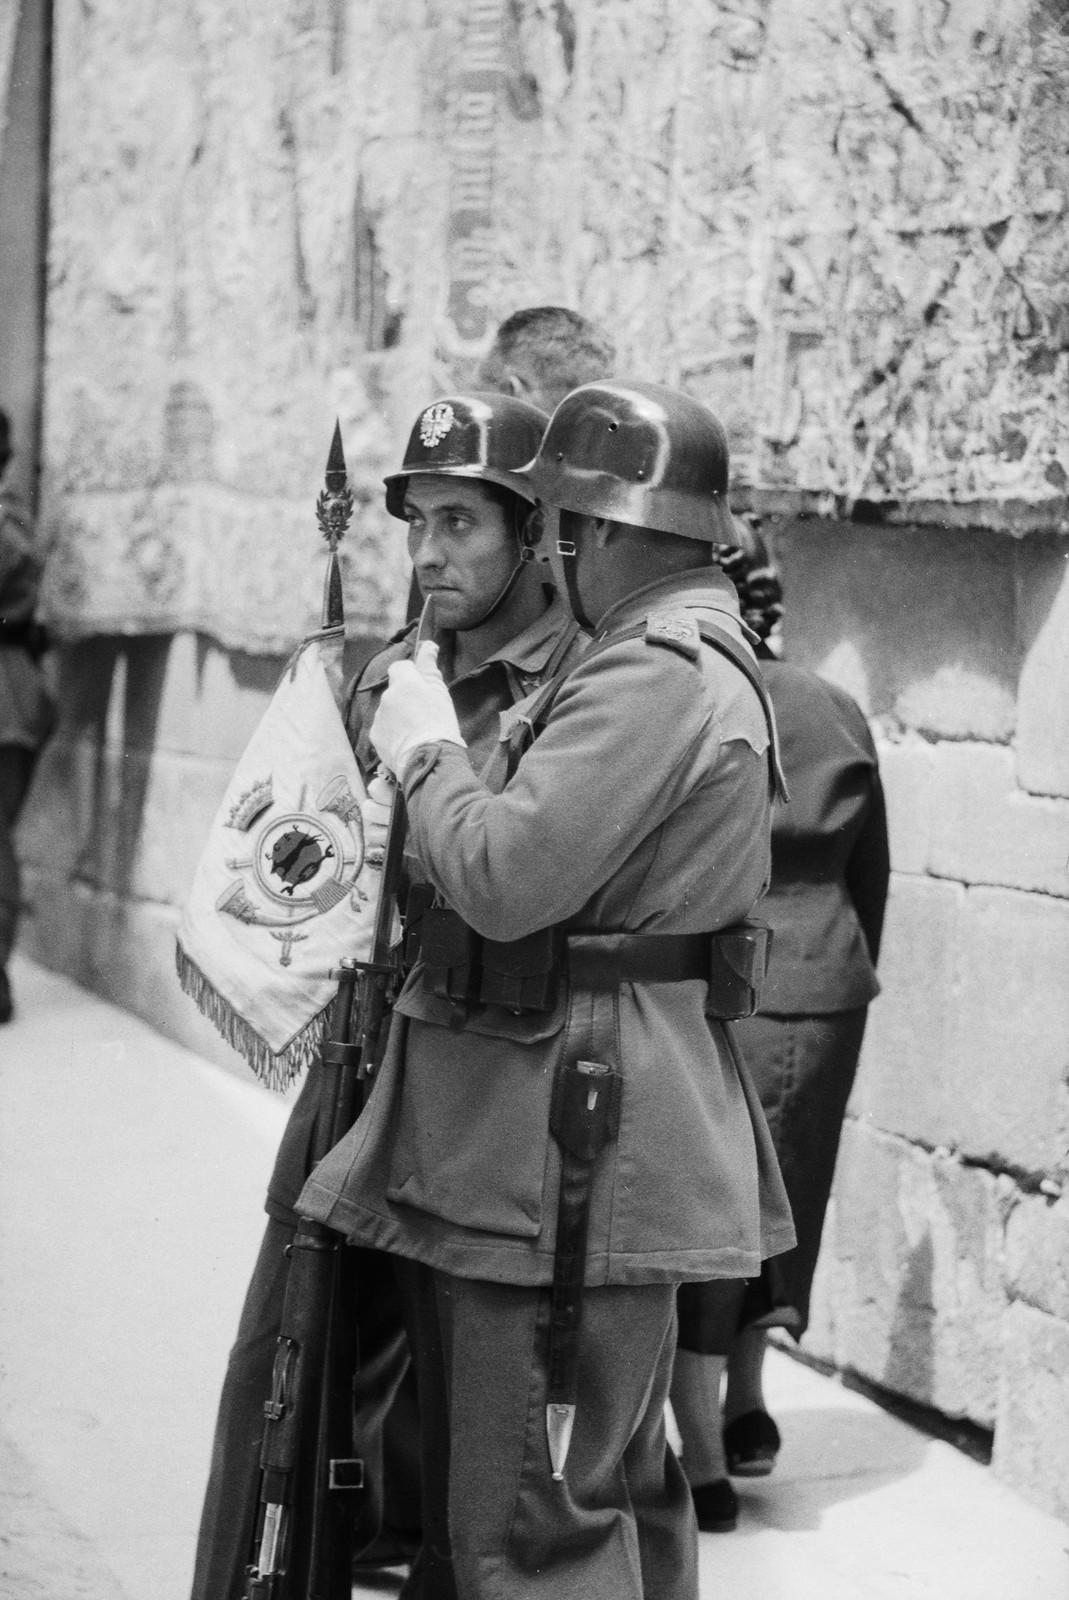 Soldados charlan en el Corpus de 1955 junto a los tapices flamencos colgados de las paredes de la catedral de Toledo © ETH-Bibliothek Zurich